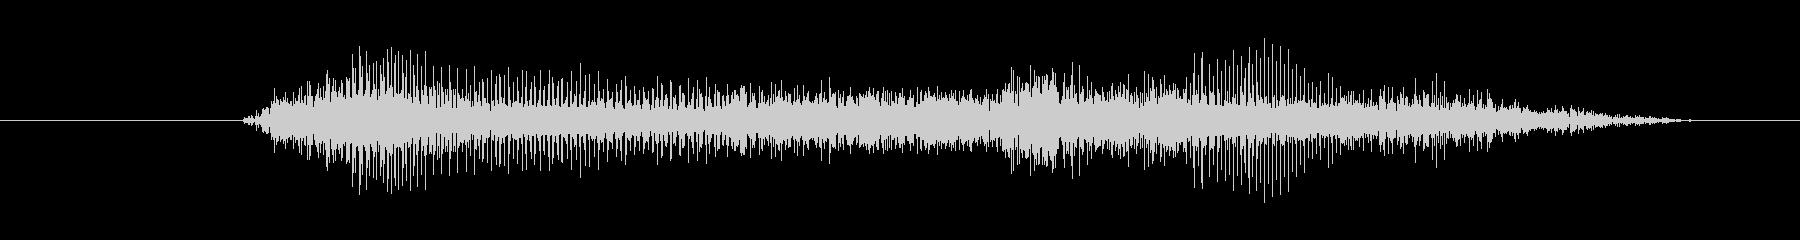 鳴き声 リトルガールスノート02の未再生の波形